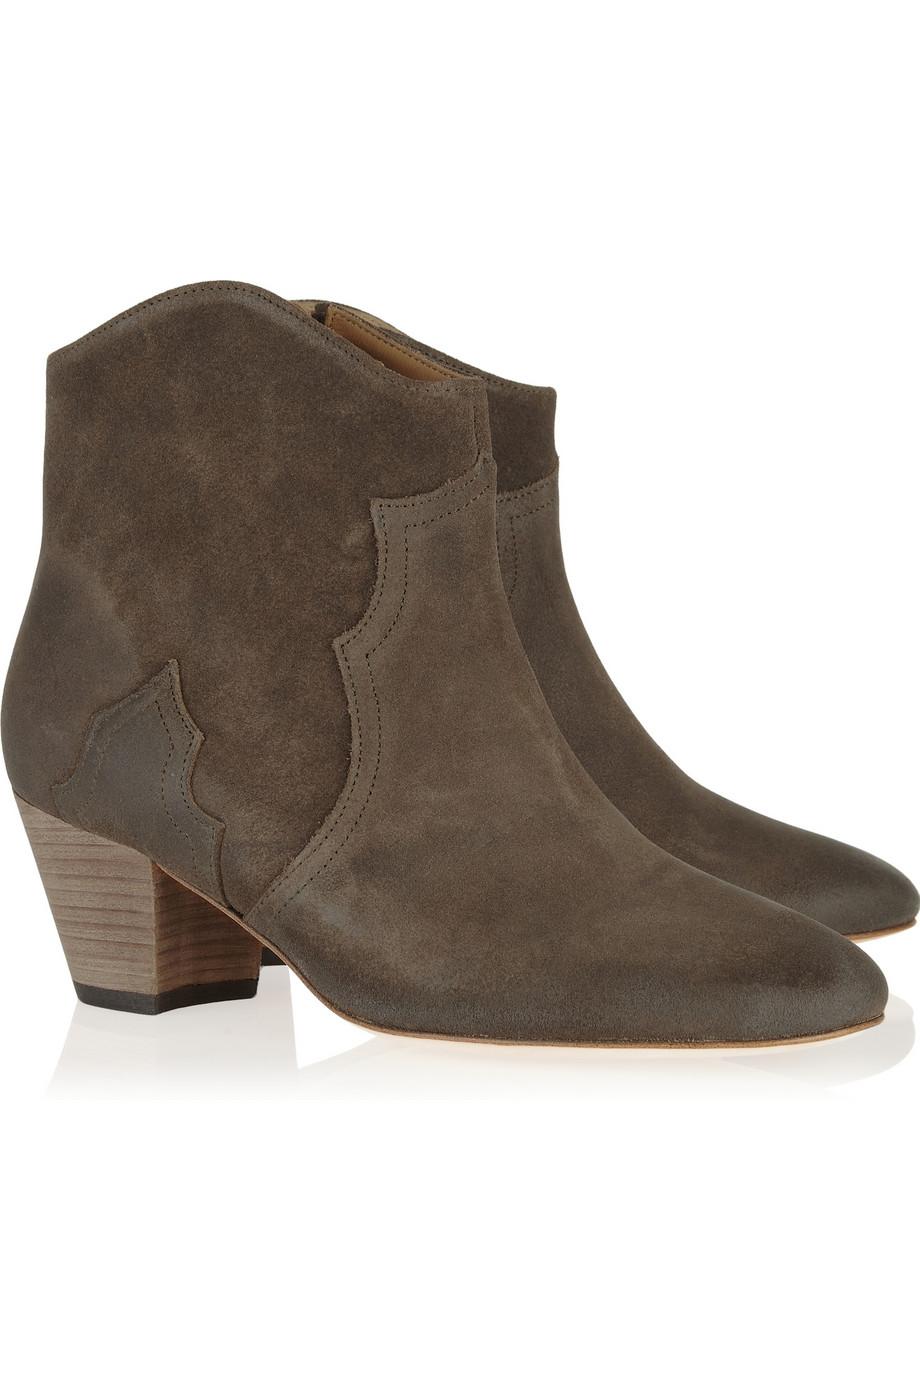 dicker boot